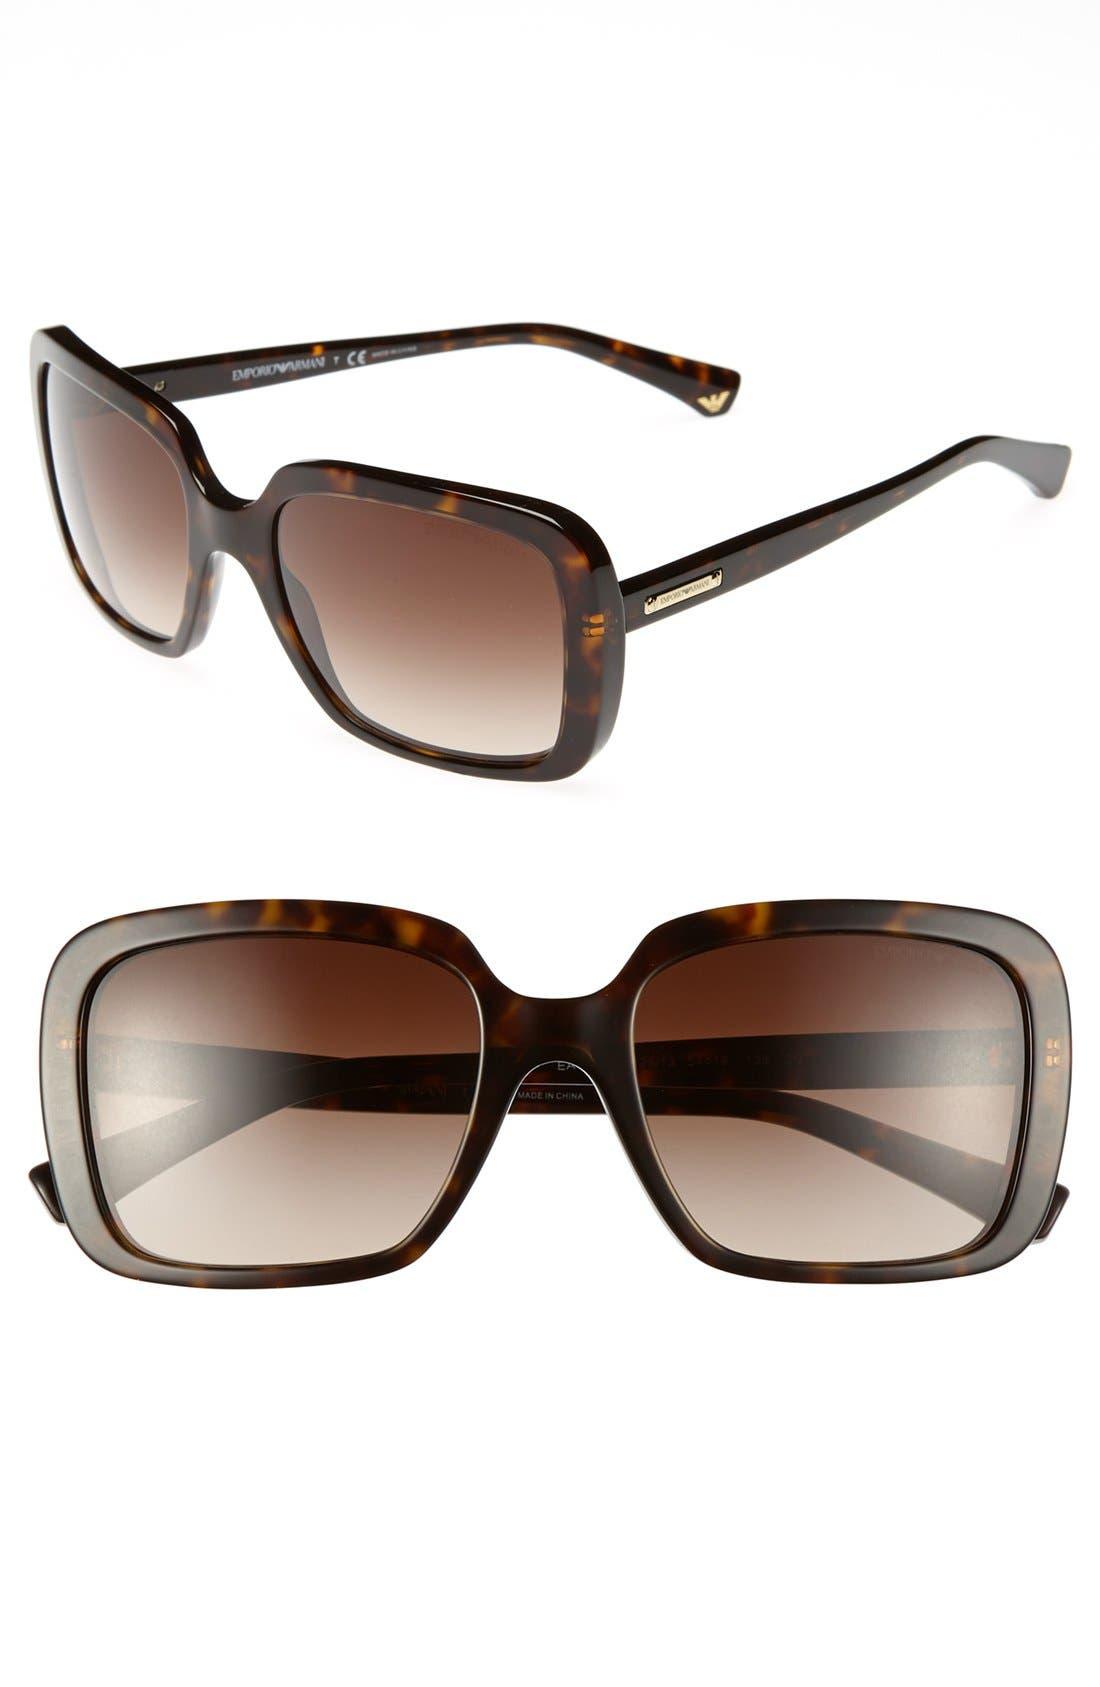 Main Image - Emporio Armani 54mm Sunglasses